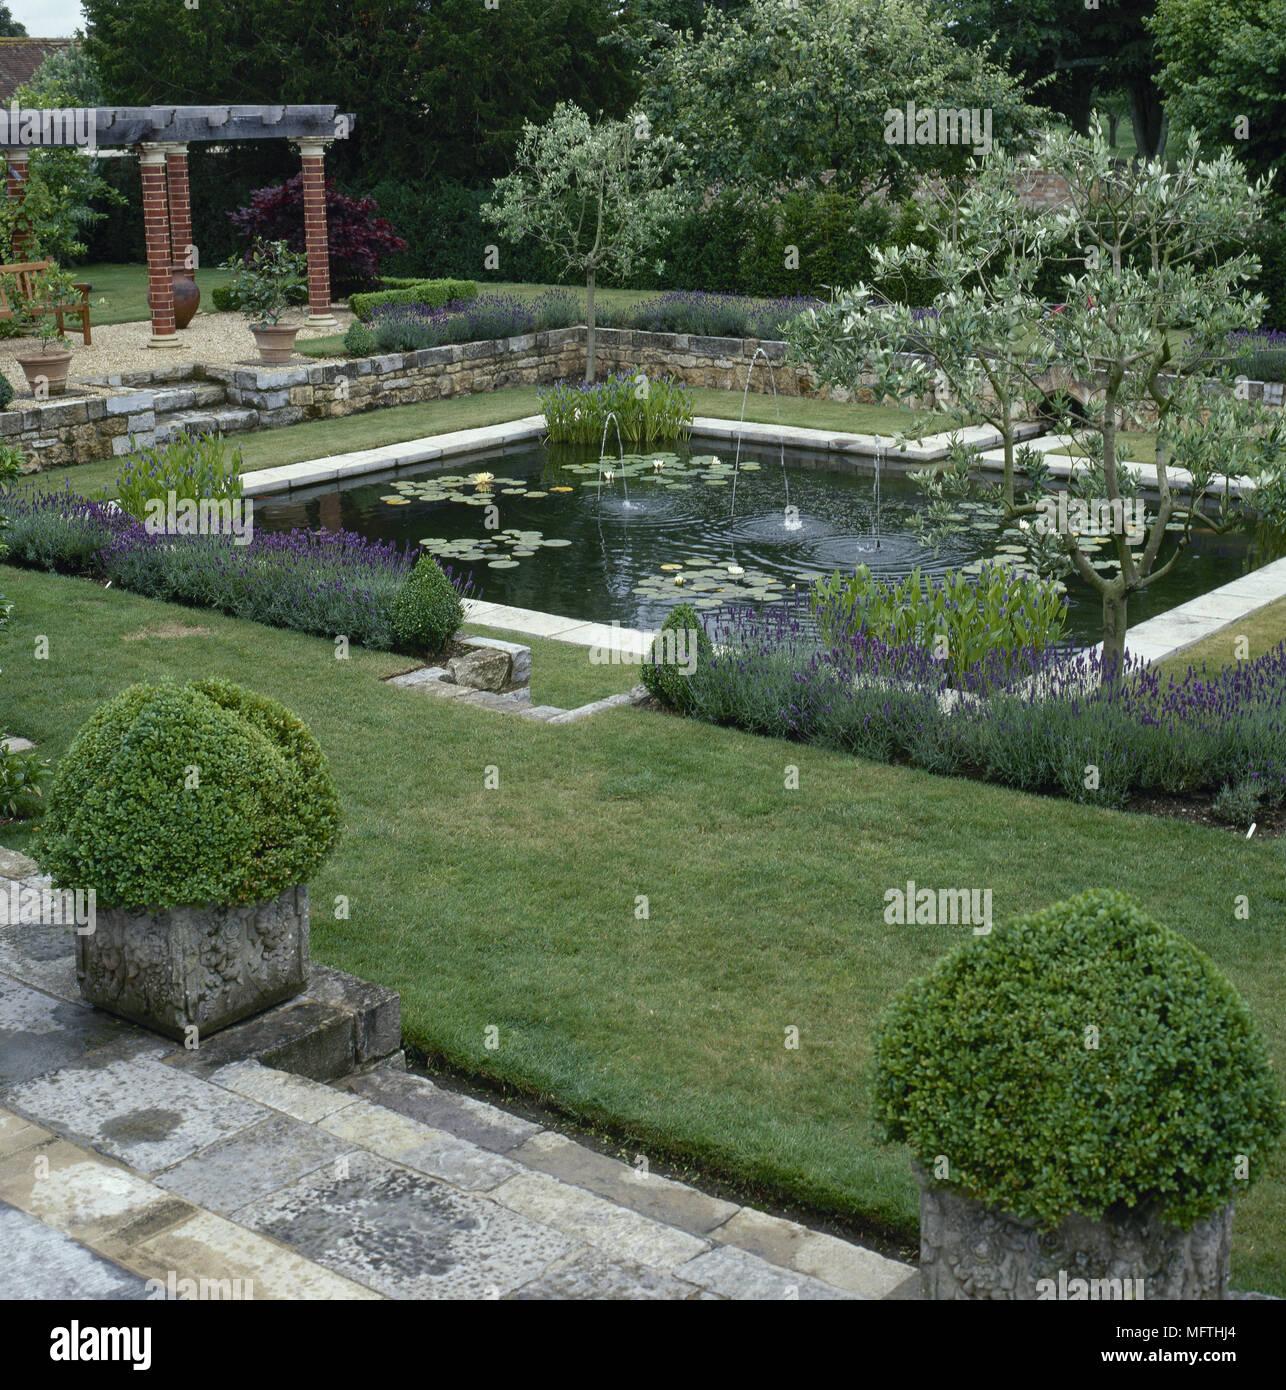 Jardin Con Una Terraza Pavimentada Estanques Muros De Piedra - Muros-jardin